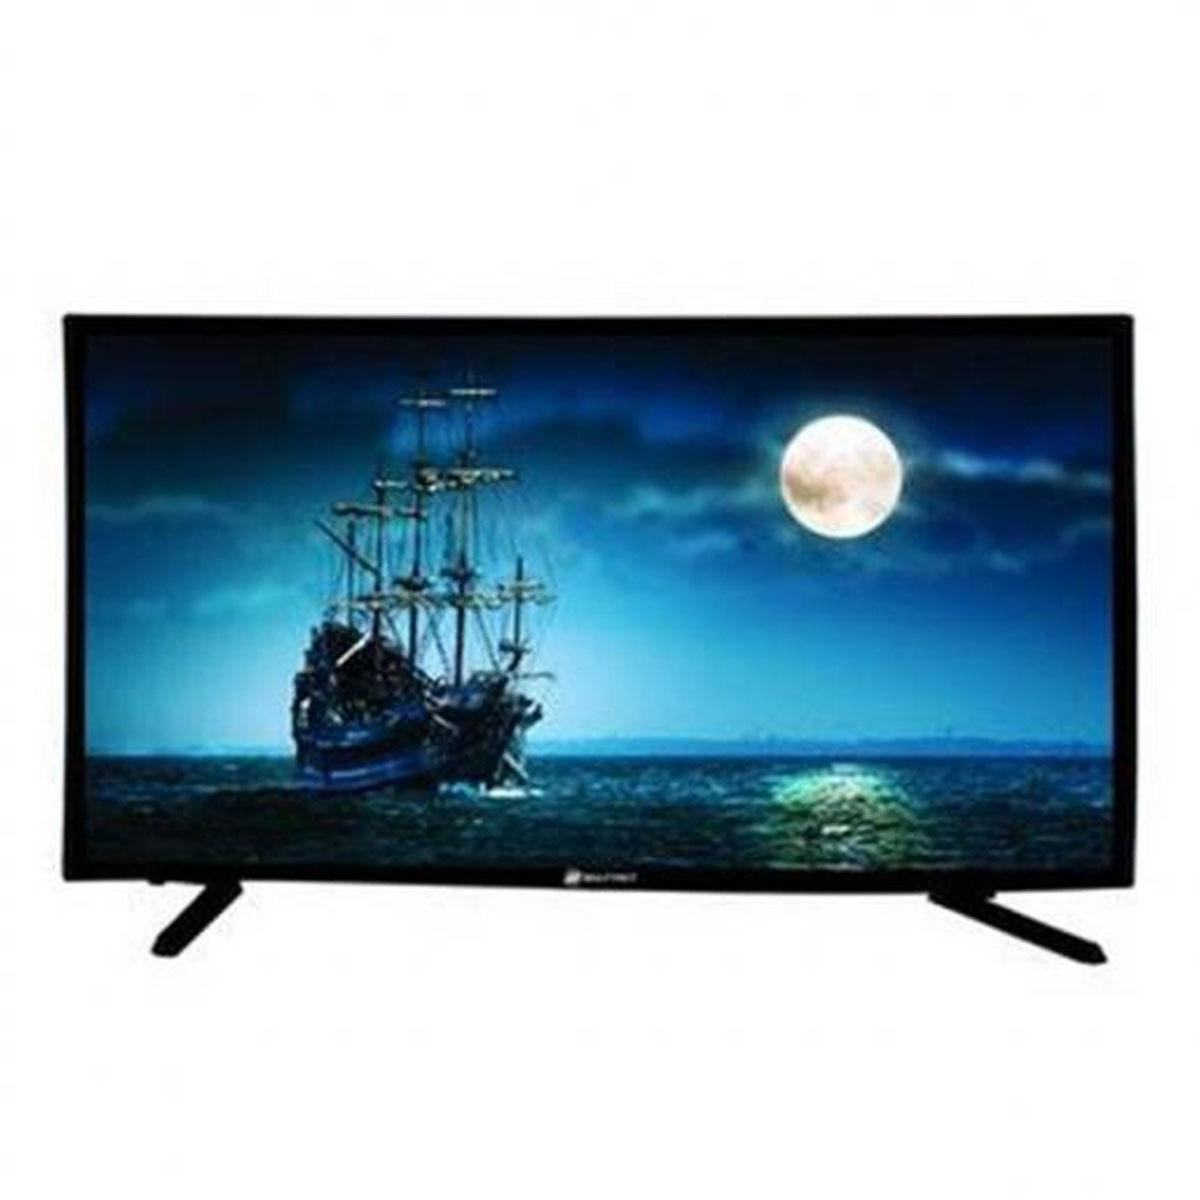 TCL 32 Inch HD Smart LED TV (D310)